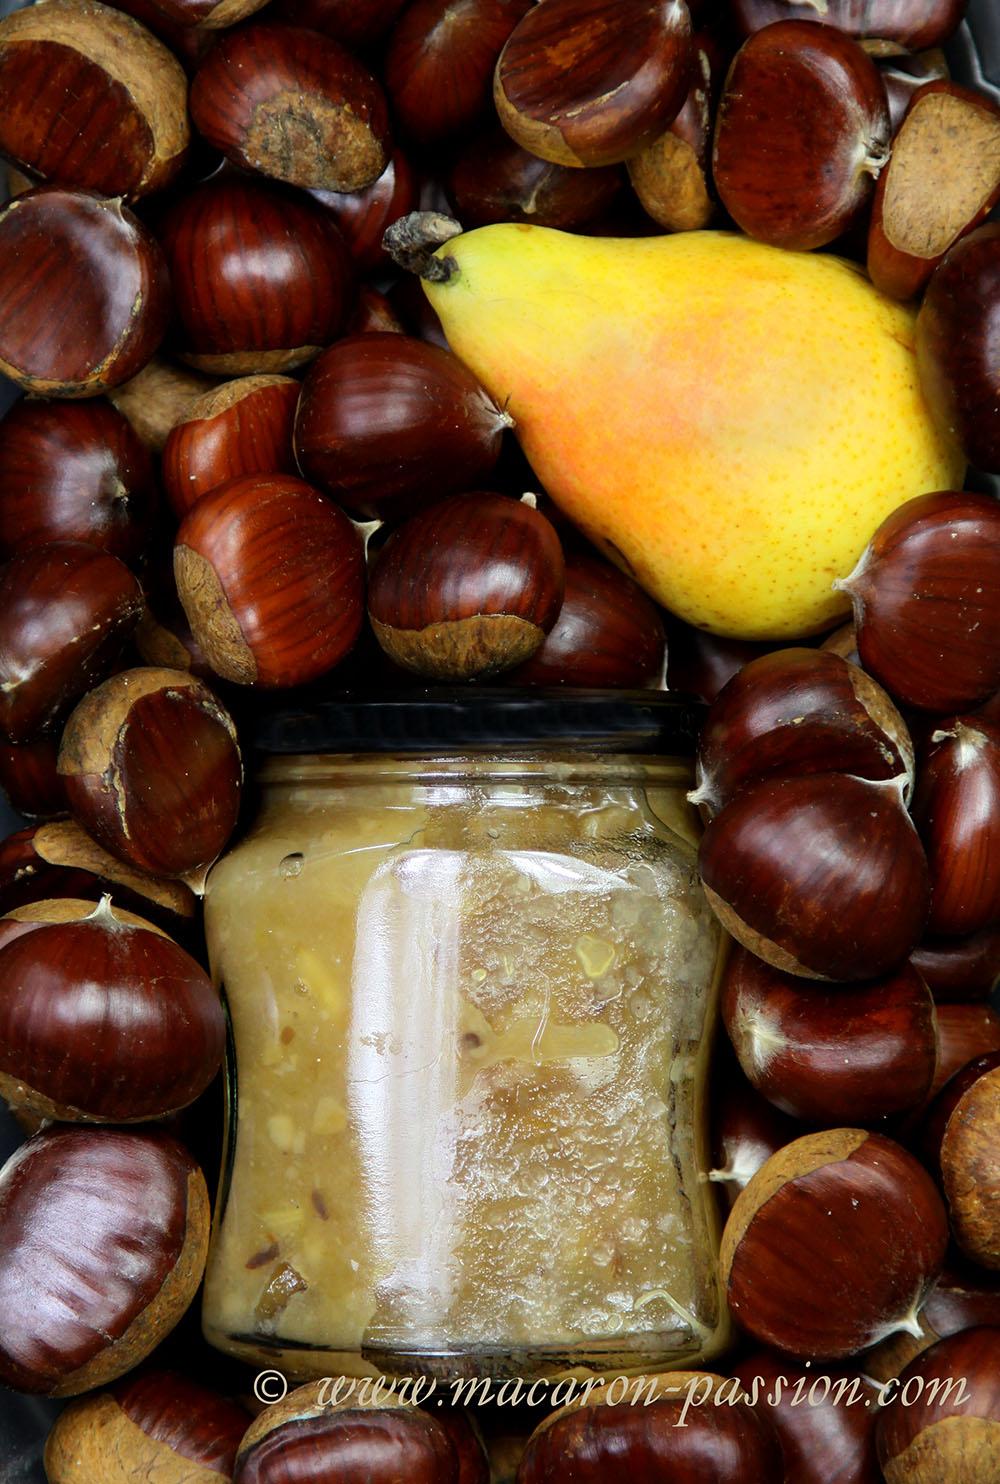 confiture pomme poire chataigne macaron-passion